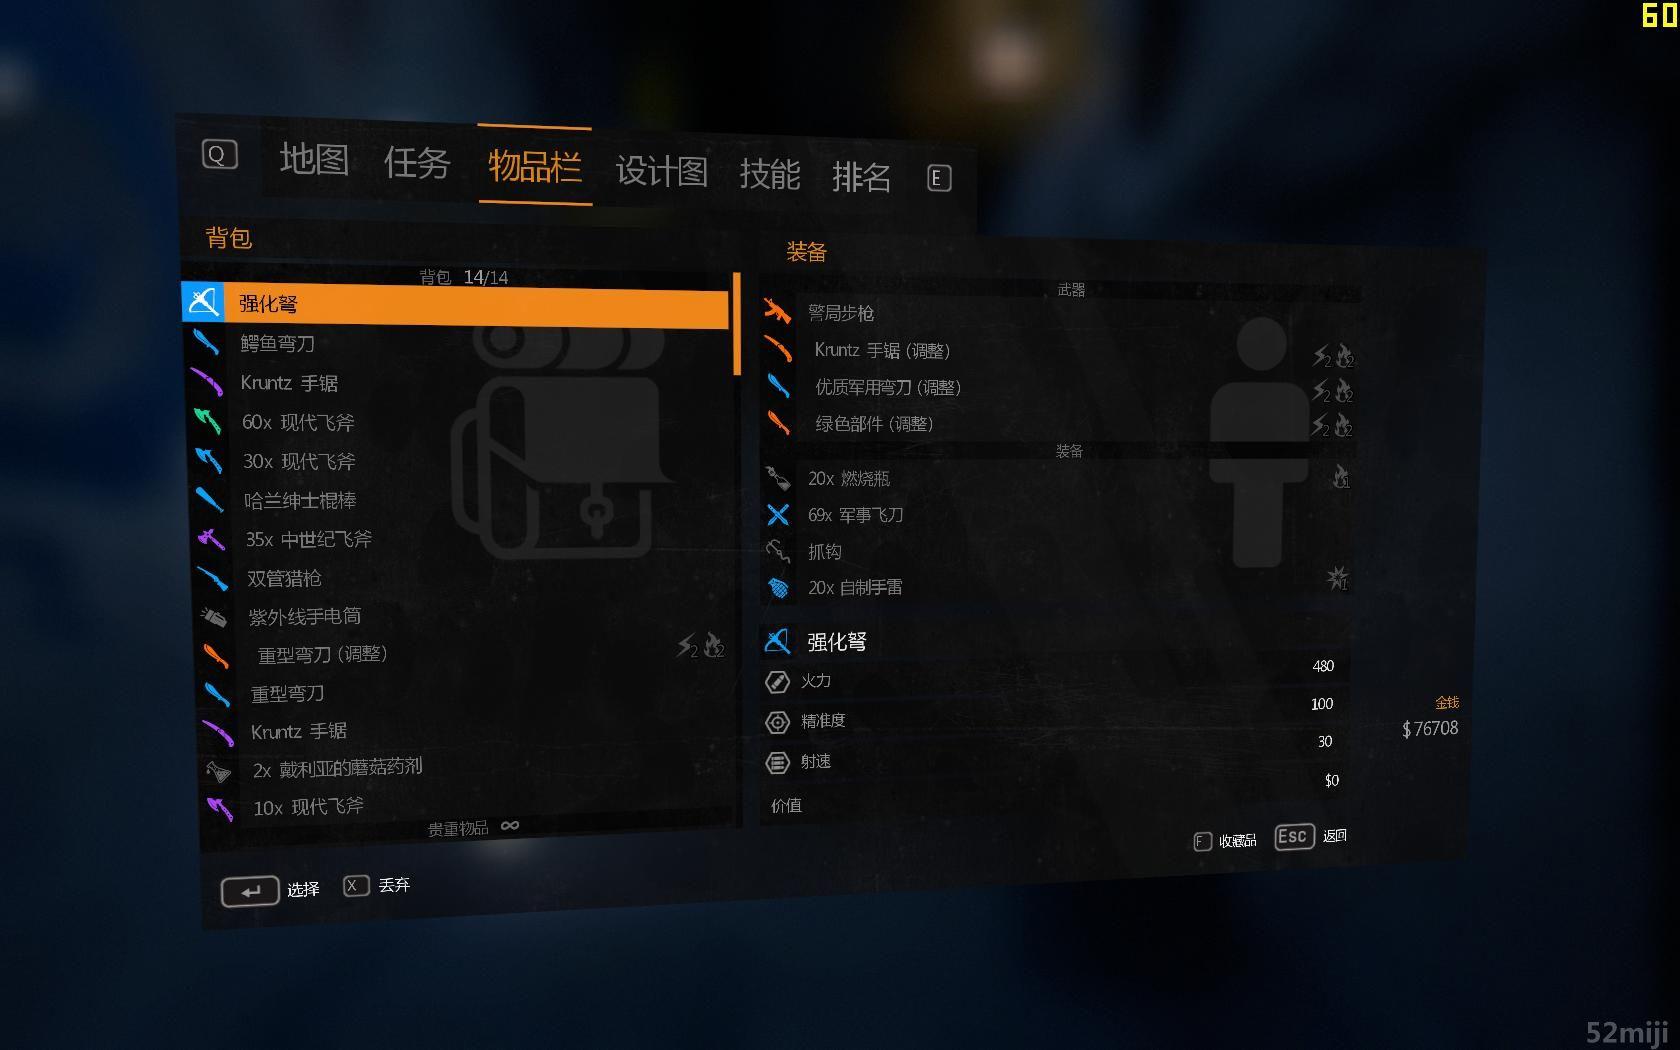 直接将存档解压,profile文件夹放到游戏主目录下即可游玩.